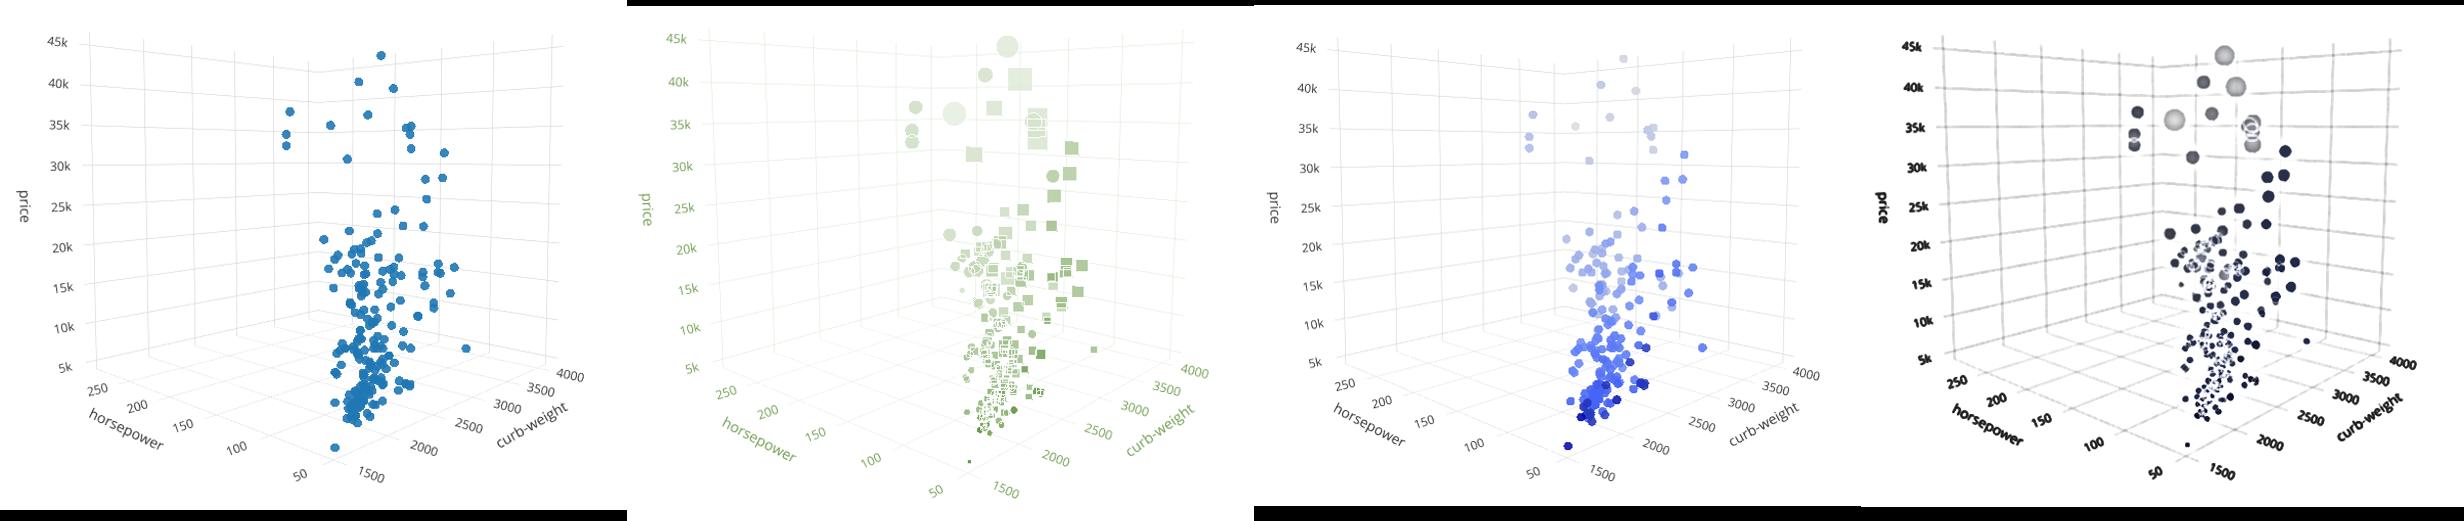 Многомерные графики в Python — от трёхмерных и до шестимерных - 1